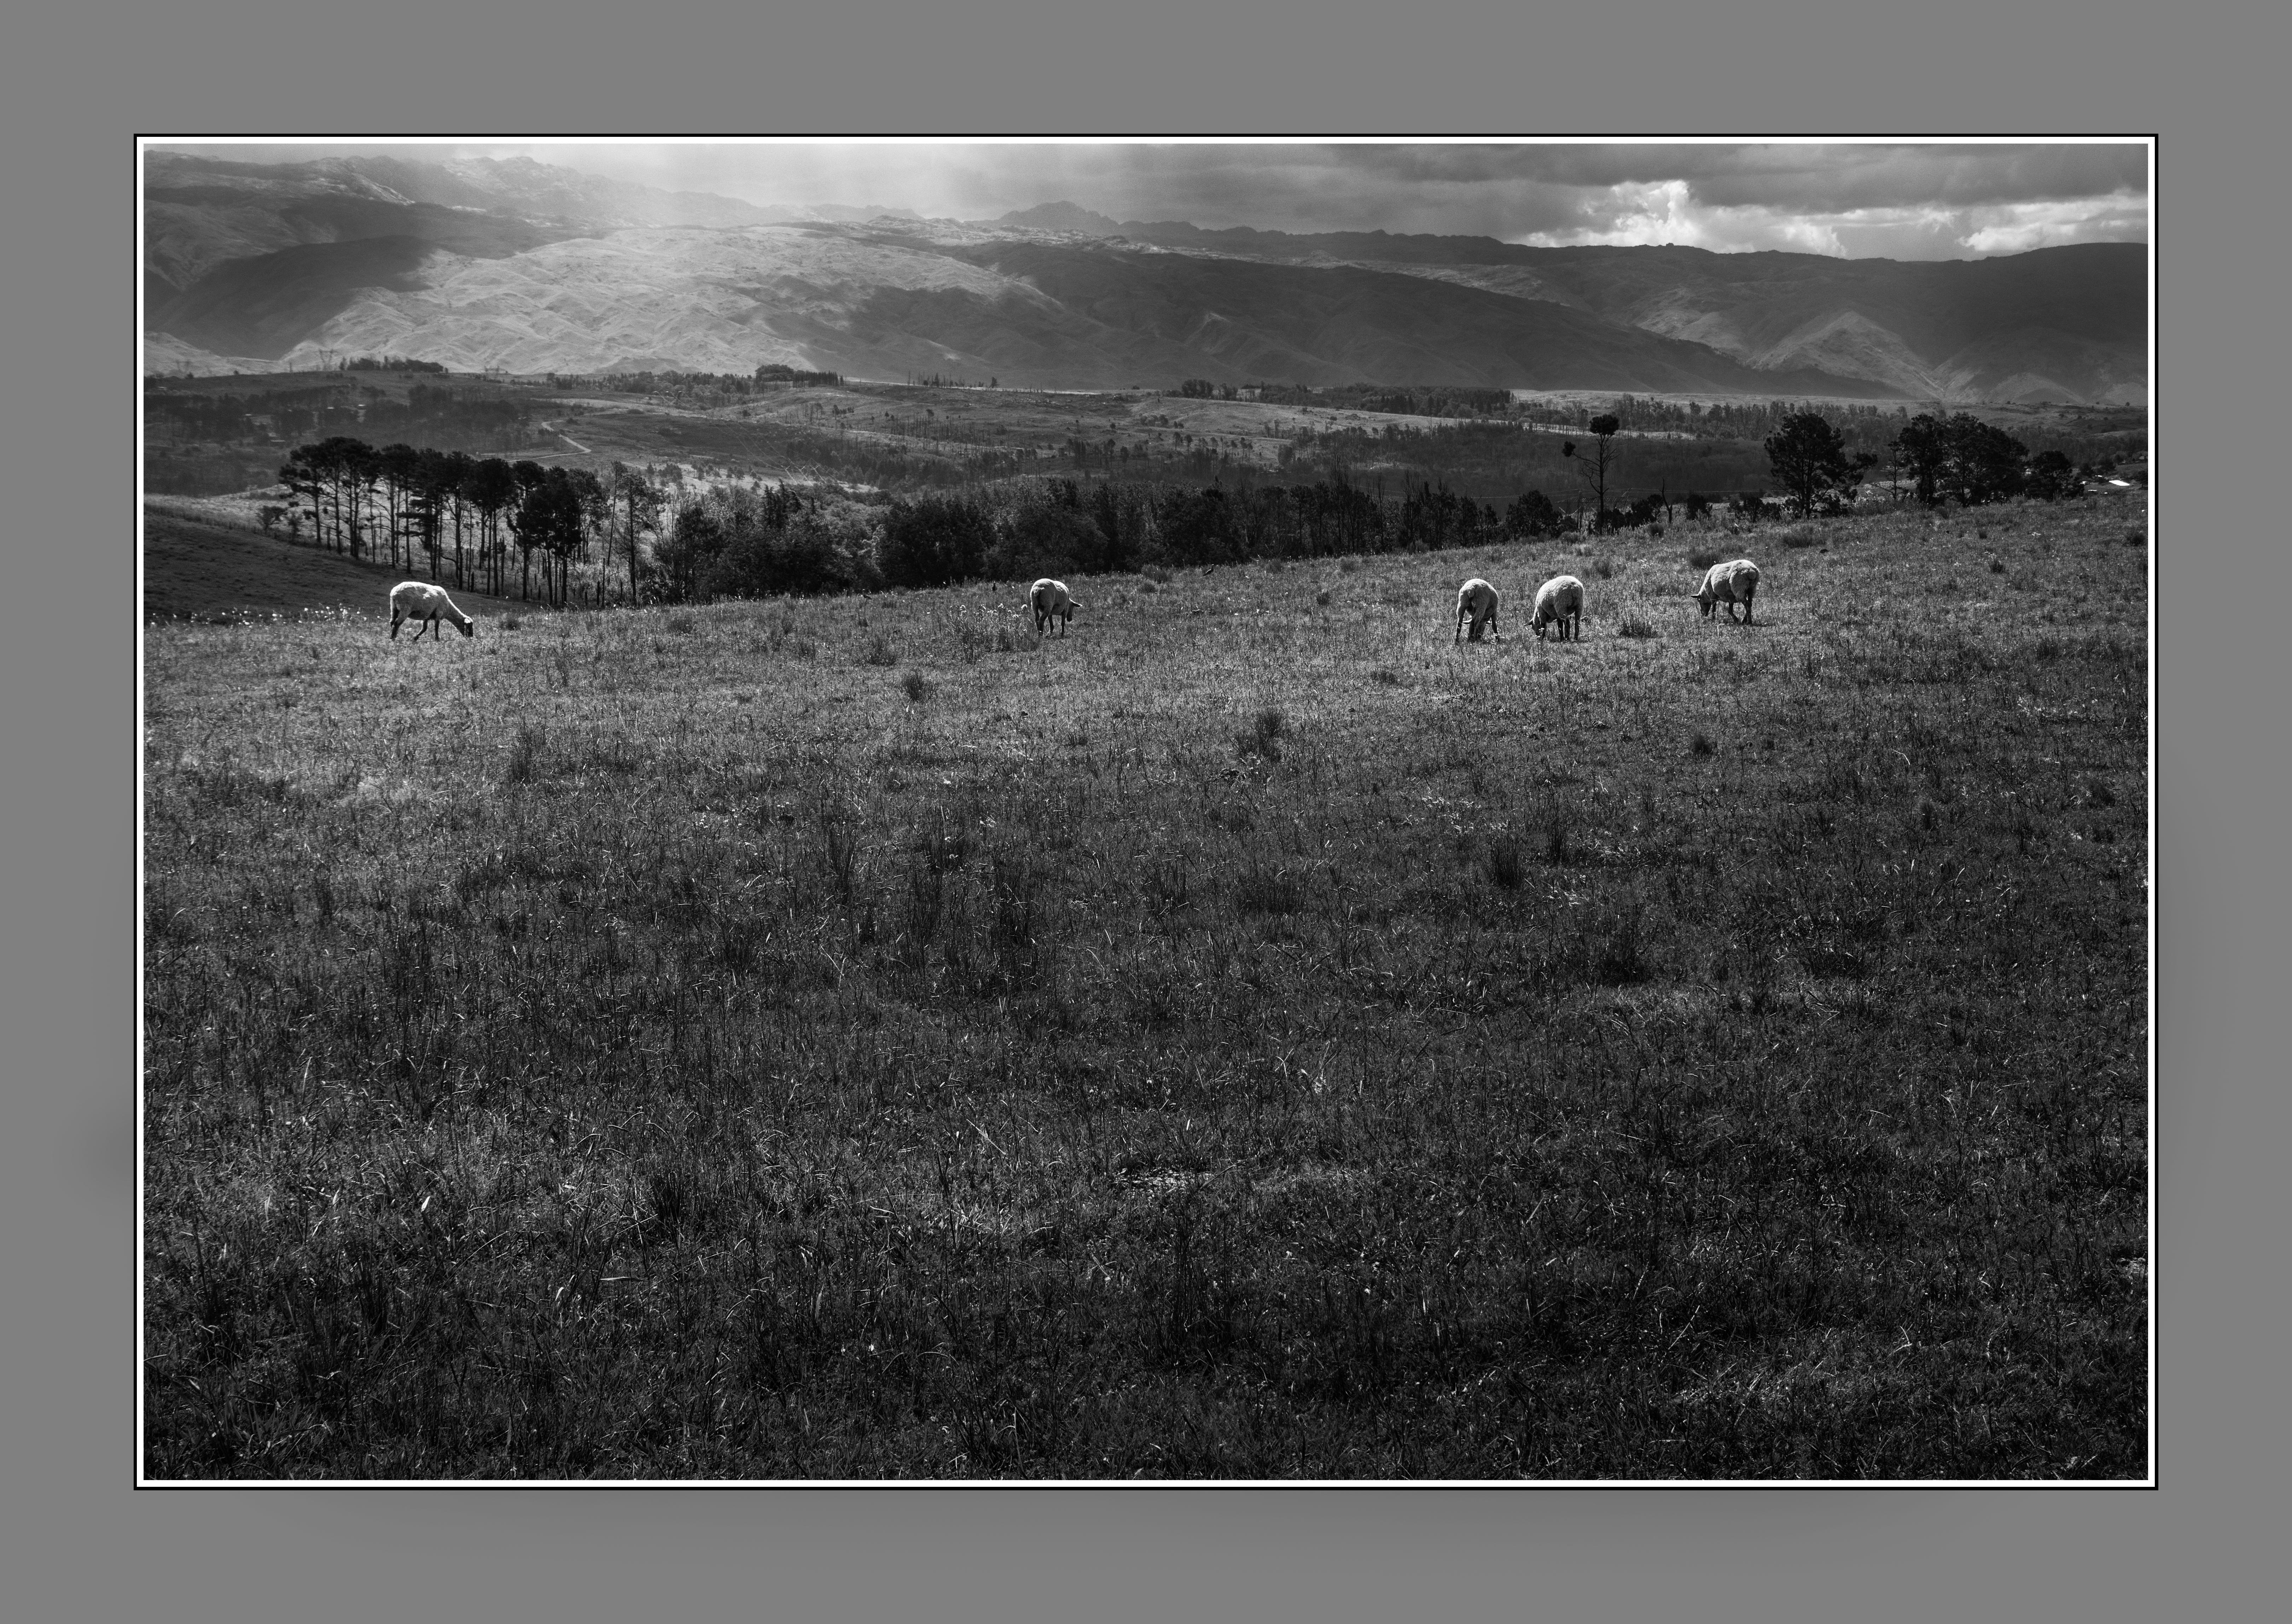 Las ovejas de Yacanto, Valle de Calamuchita, Córdoba, Argentina. Feb 2017